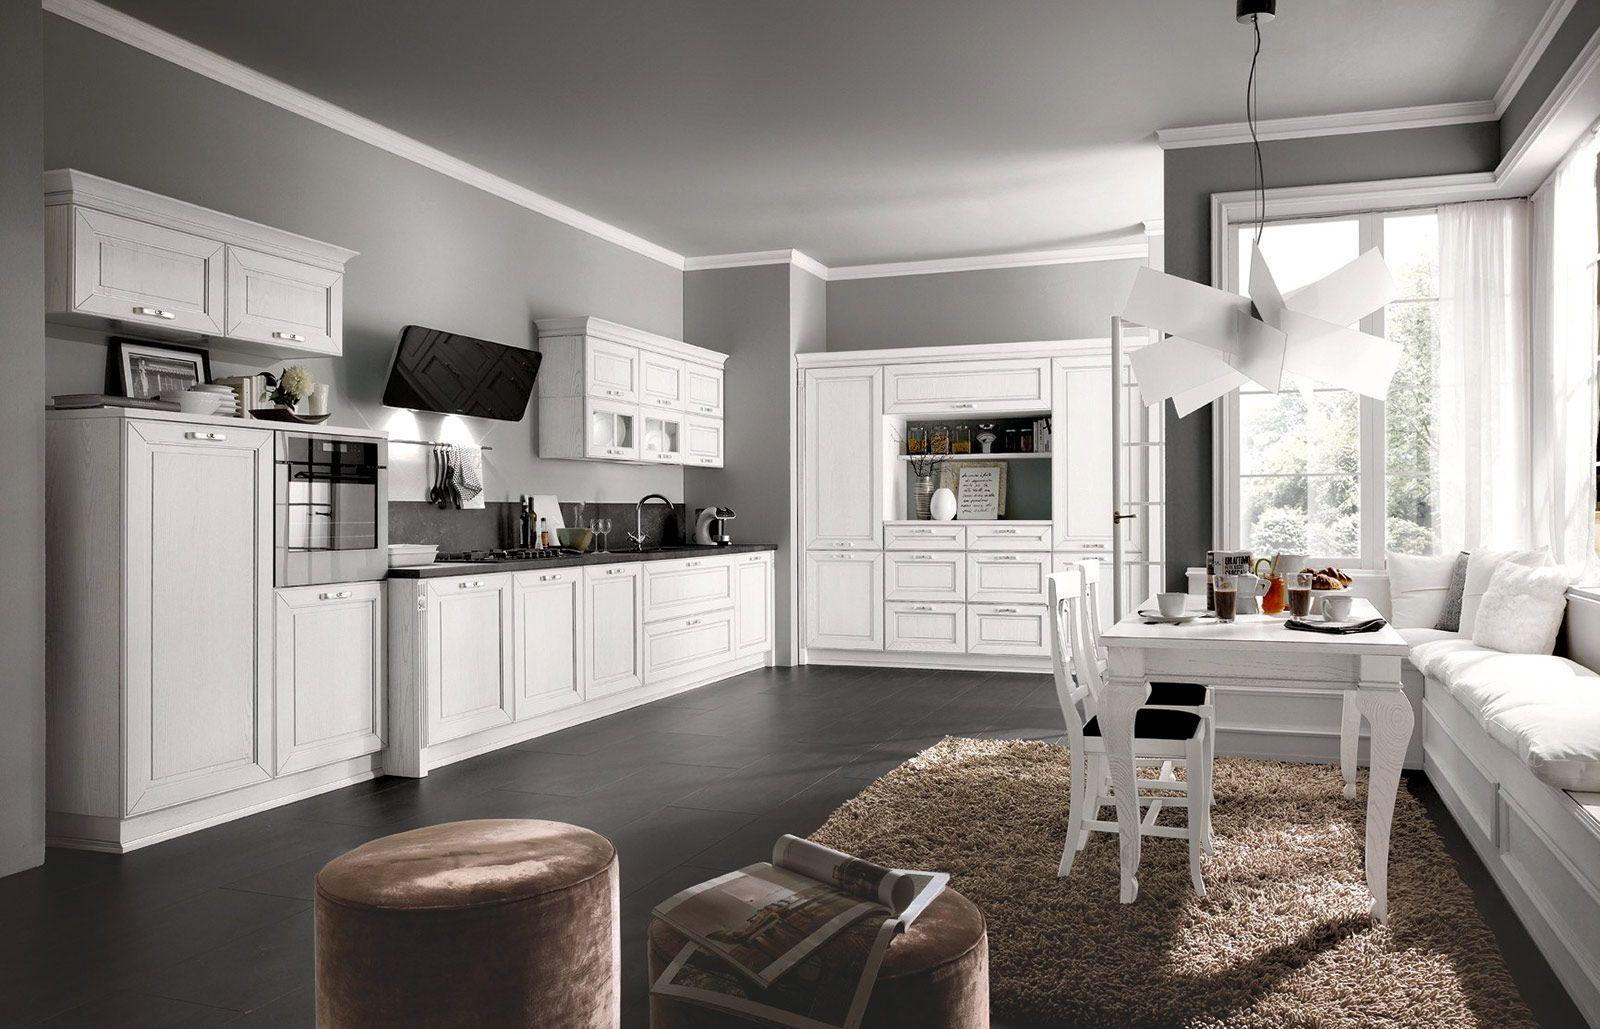 Cucina: la voglio tutta bianca | Progetti di cucine, Cucine ...